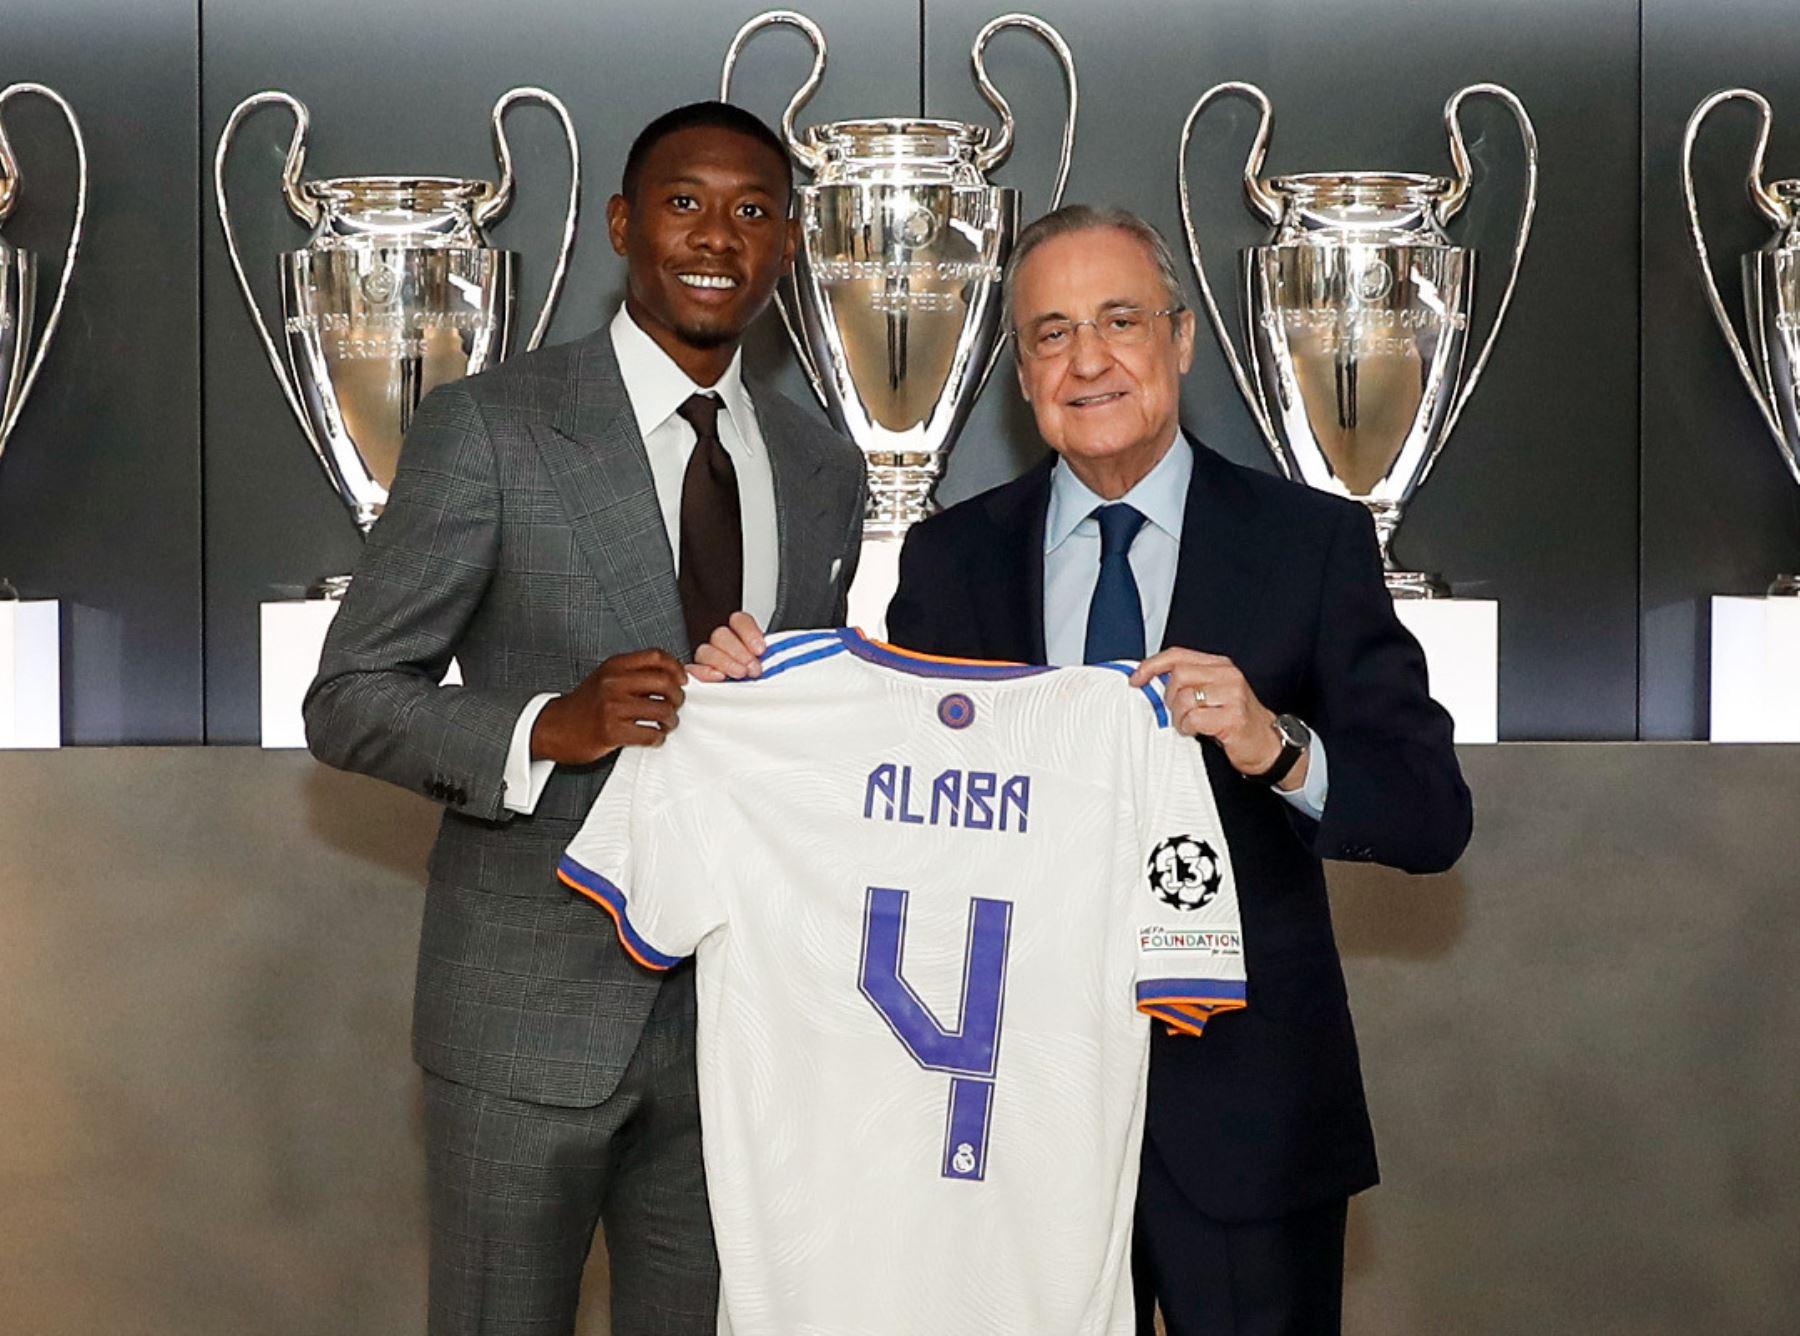 Florentino Pérez le entrega el dorsal 4 a Alaba y le da la bienvenida al Real Madrid